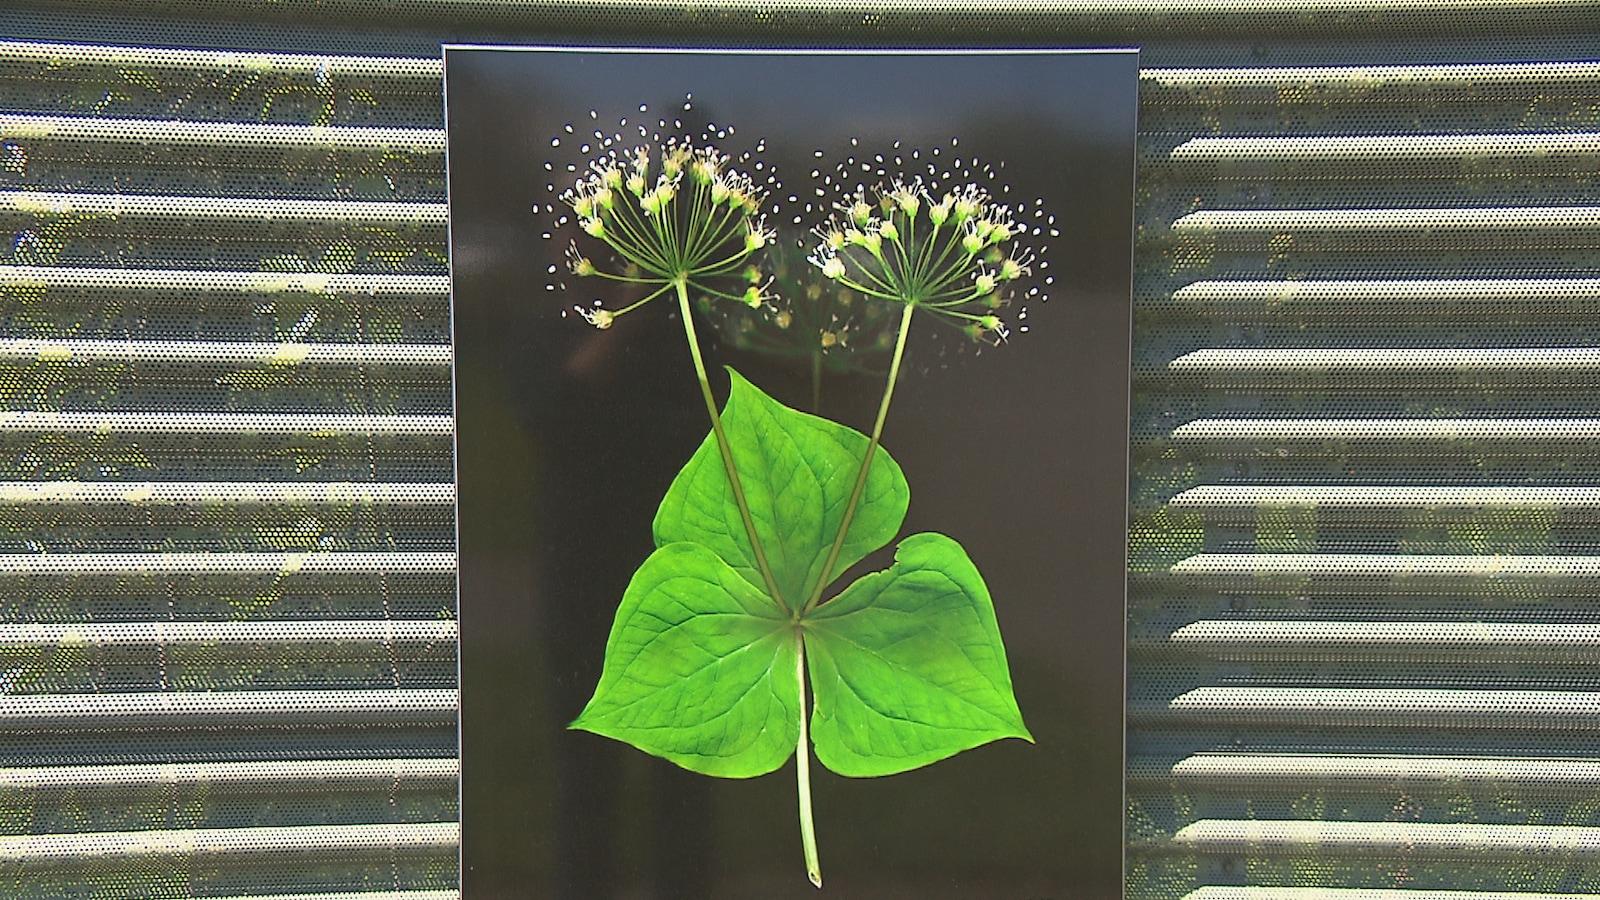 Les végétaux «artistiquement modifiés» de Fernande Forest